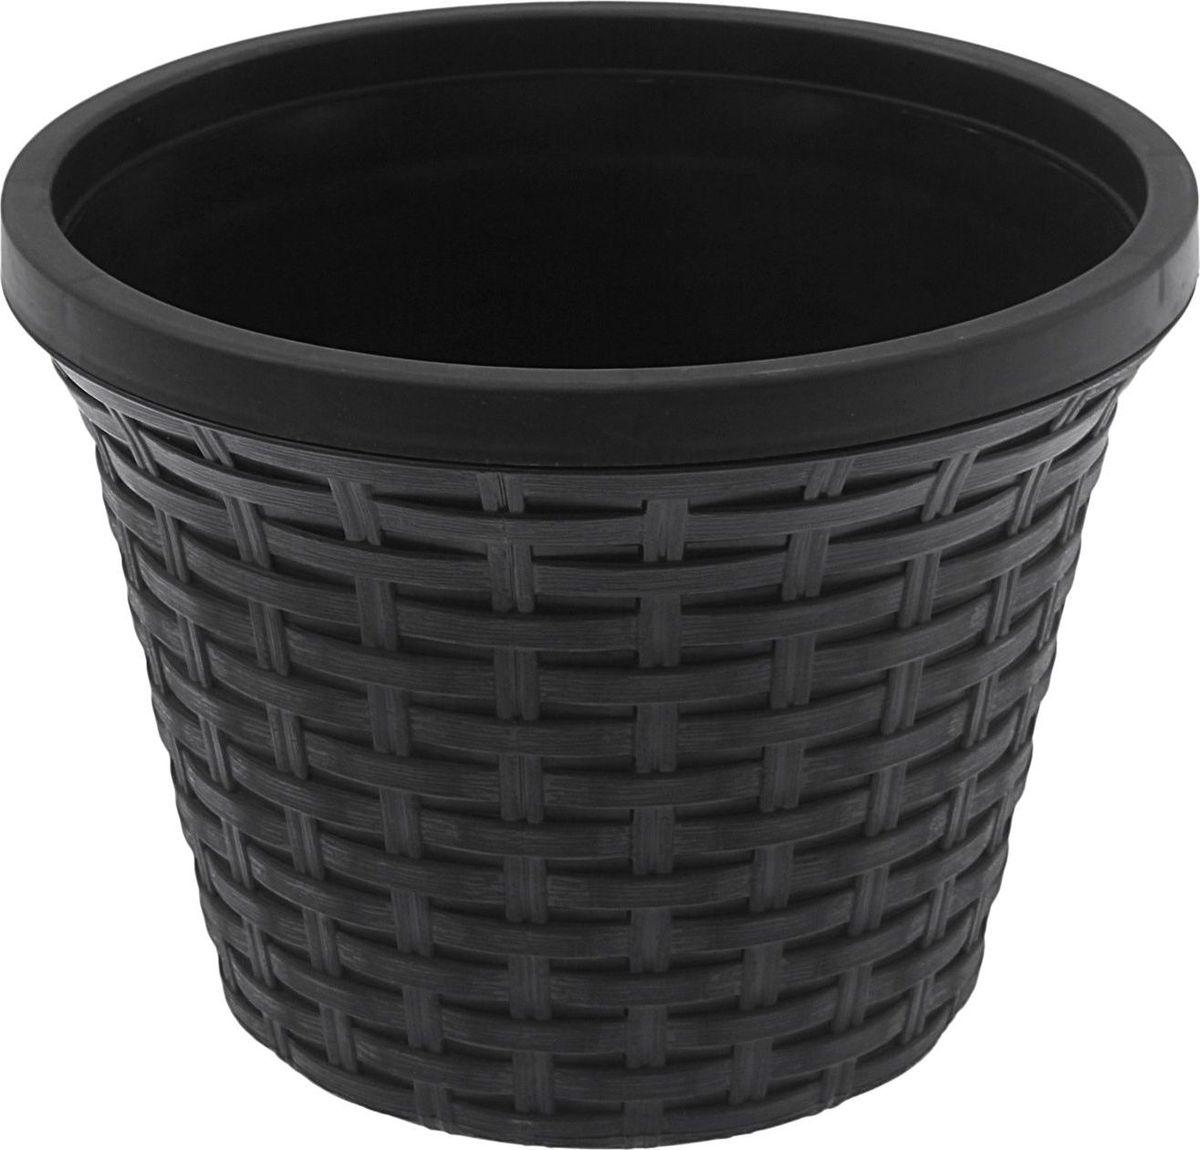 Кашпо Violet Ротанг, с дренажной системой, цвет: черный, 4,8 л32480/7Круглое кашпо Violet Ротанг изготовлено из высококачественного пластика и оснащено дренажной системой для быстрого отведения избытка воды при поливе. Изделие прекрасно подходит для выращивания растений и цветов в домашних условиях. Объем: 4,8 л.